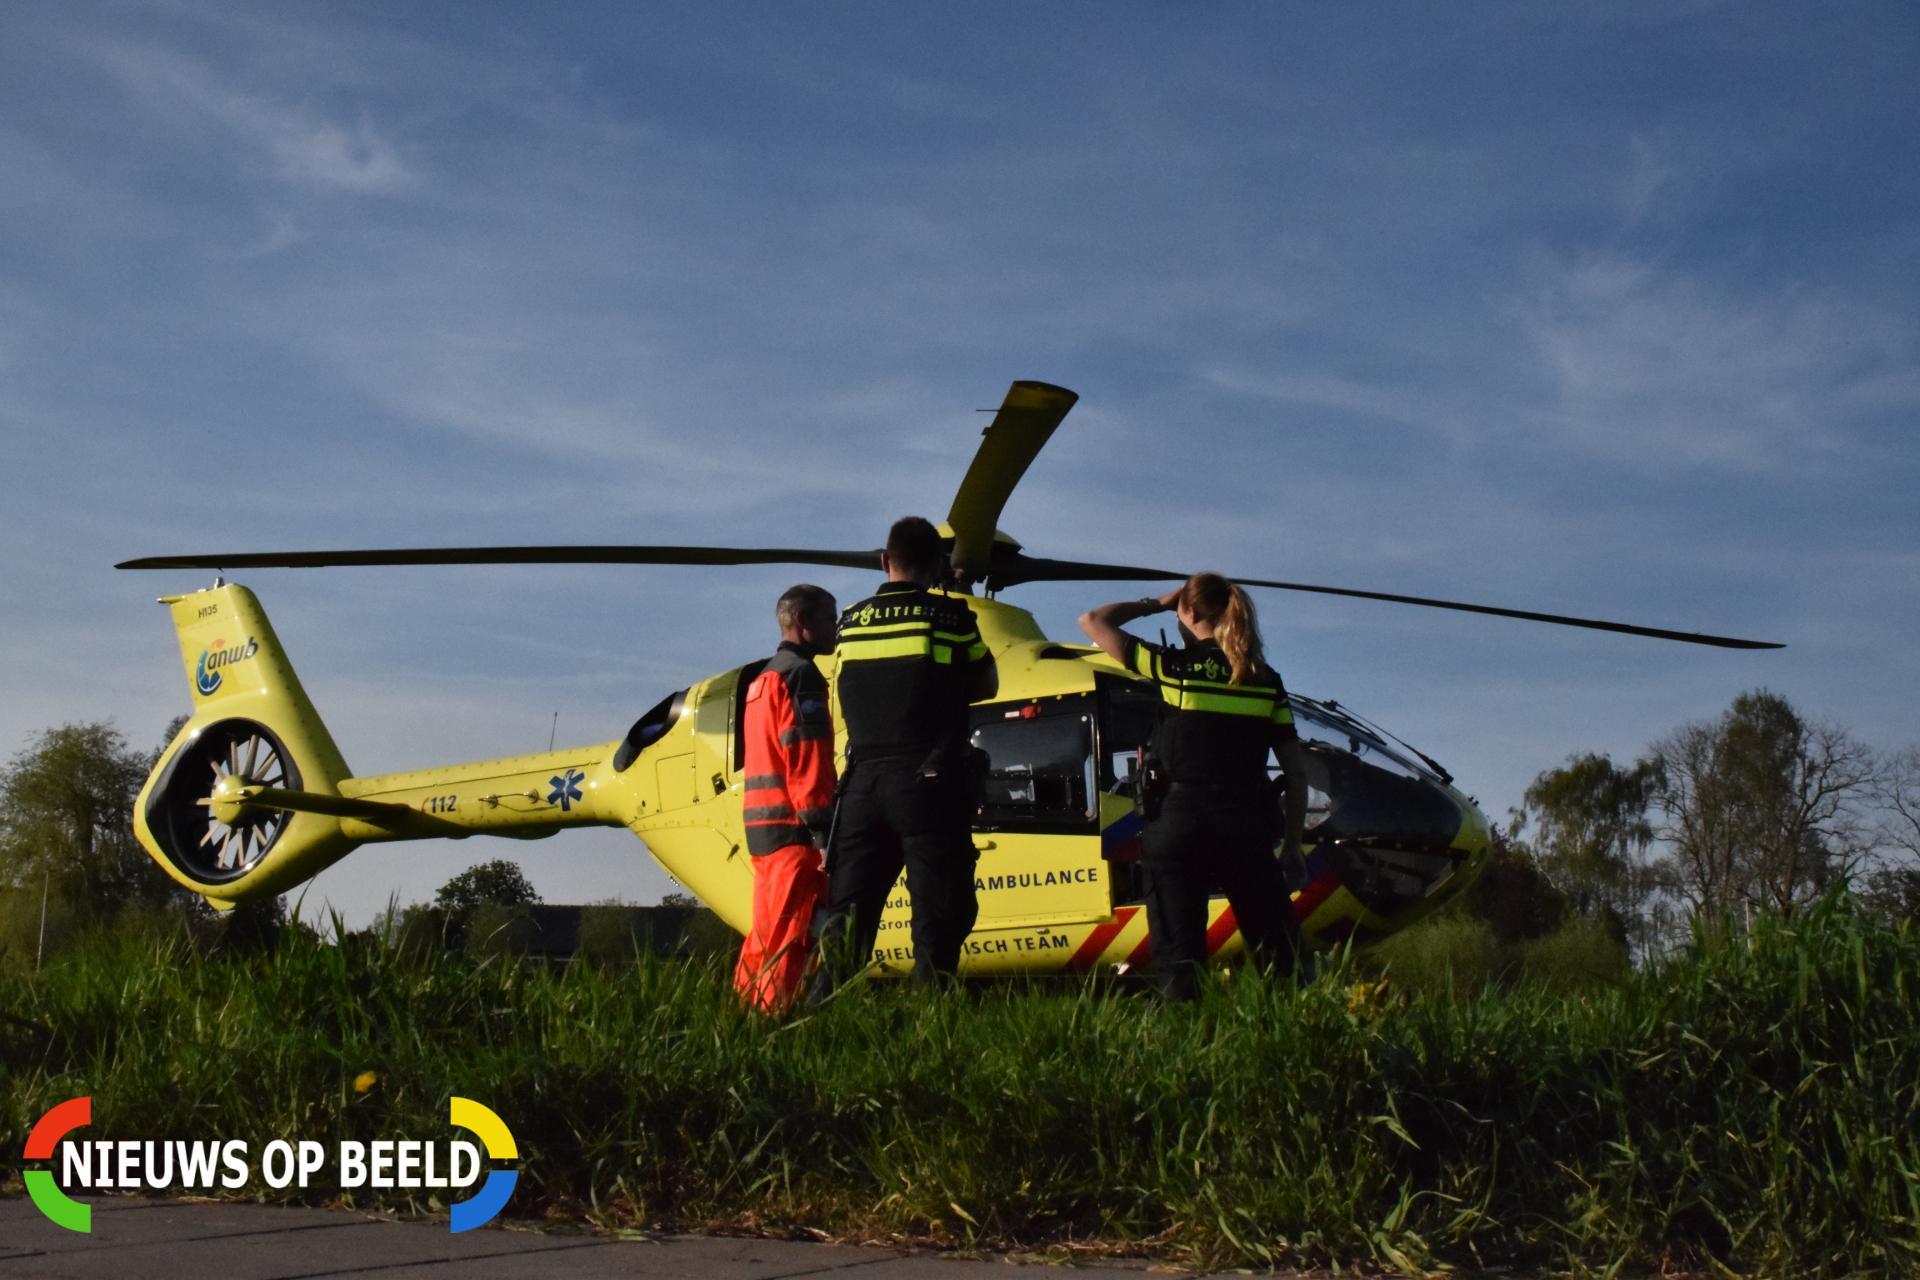 Traumahelikopter opgeroepen voor medische noodsituatie Ieplaan Waddinxveen